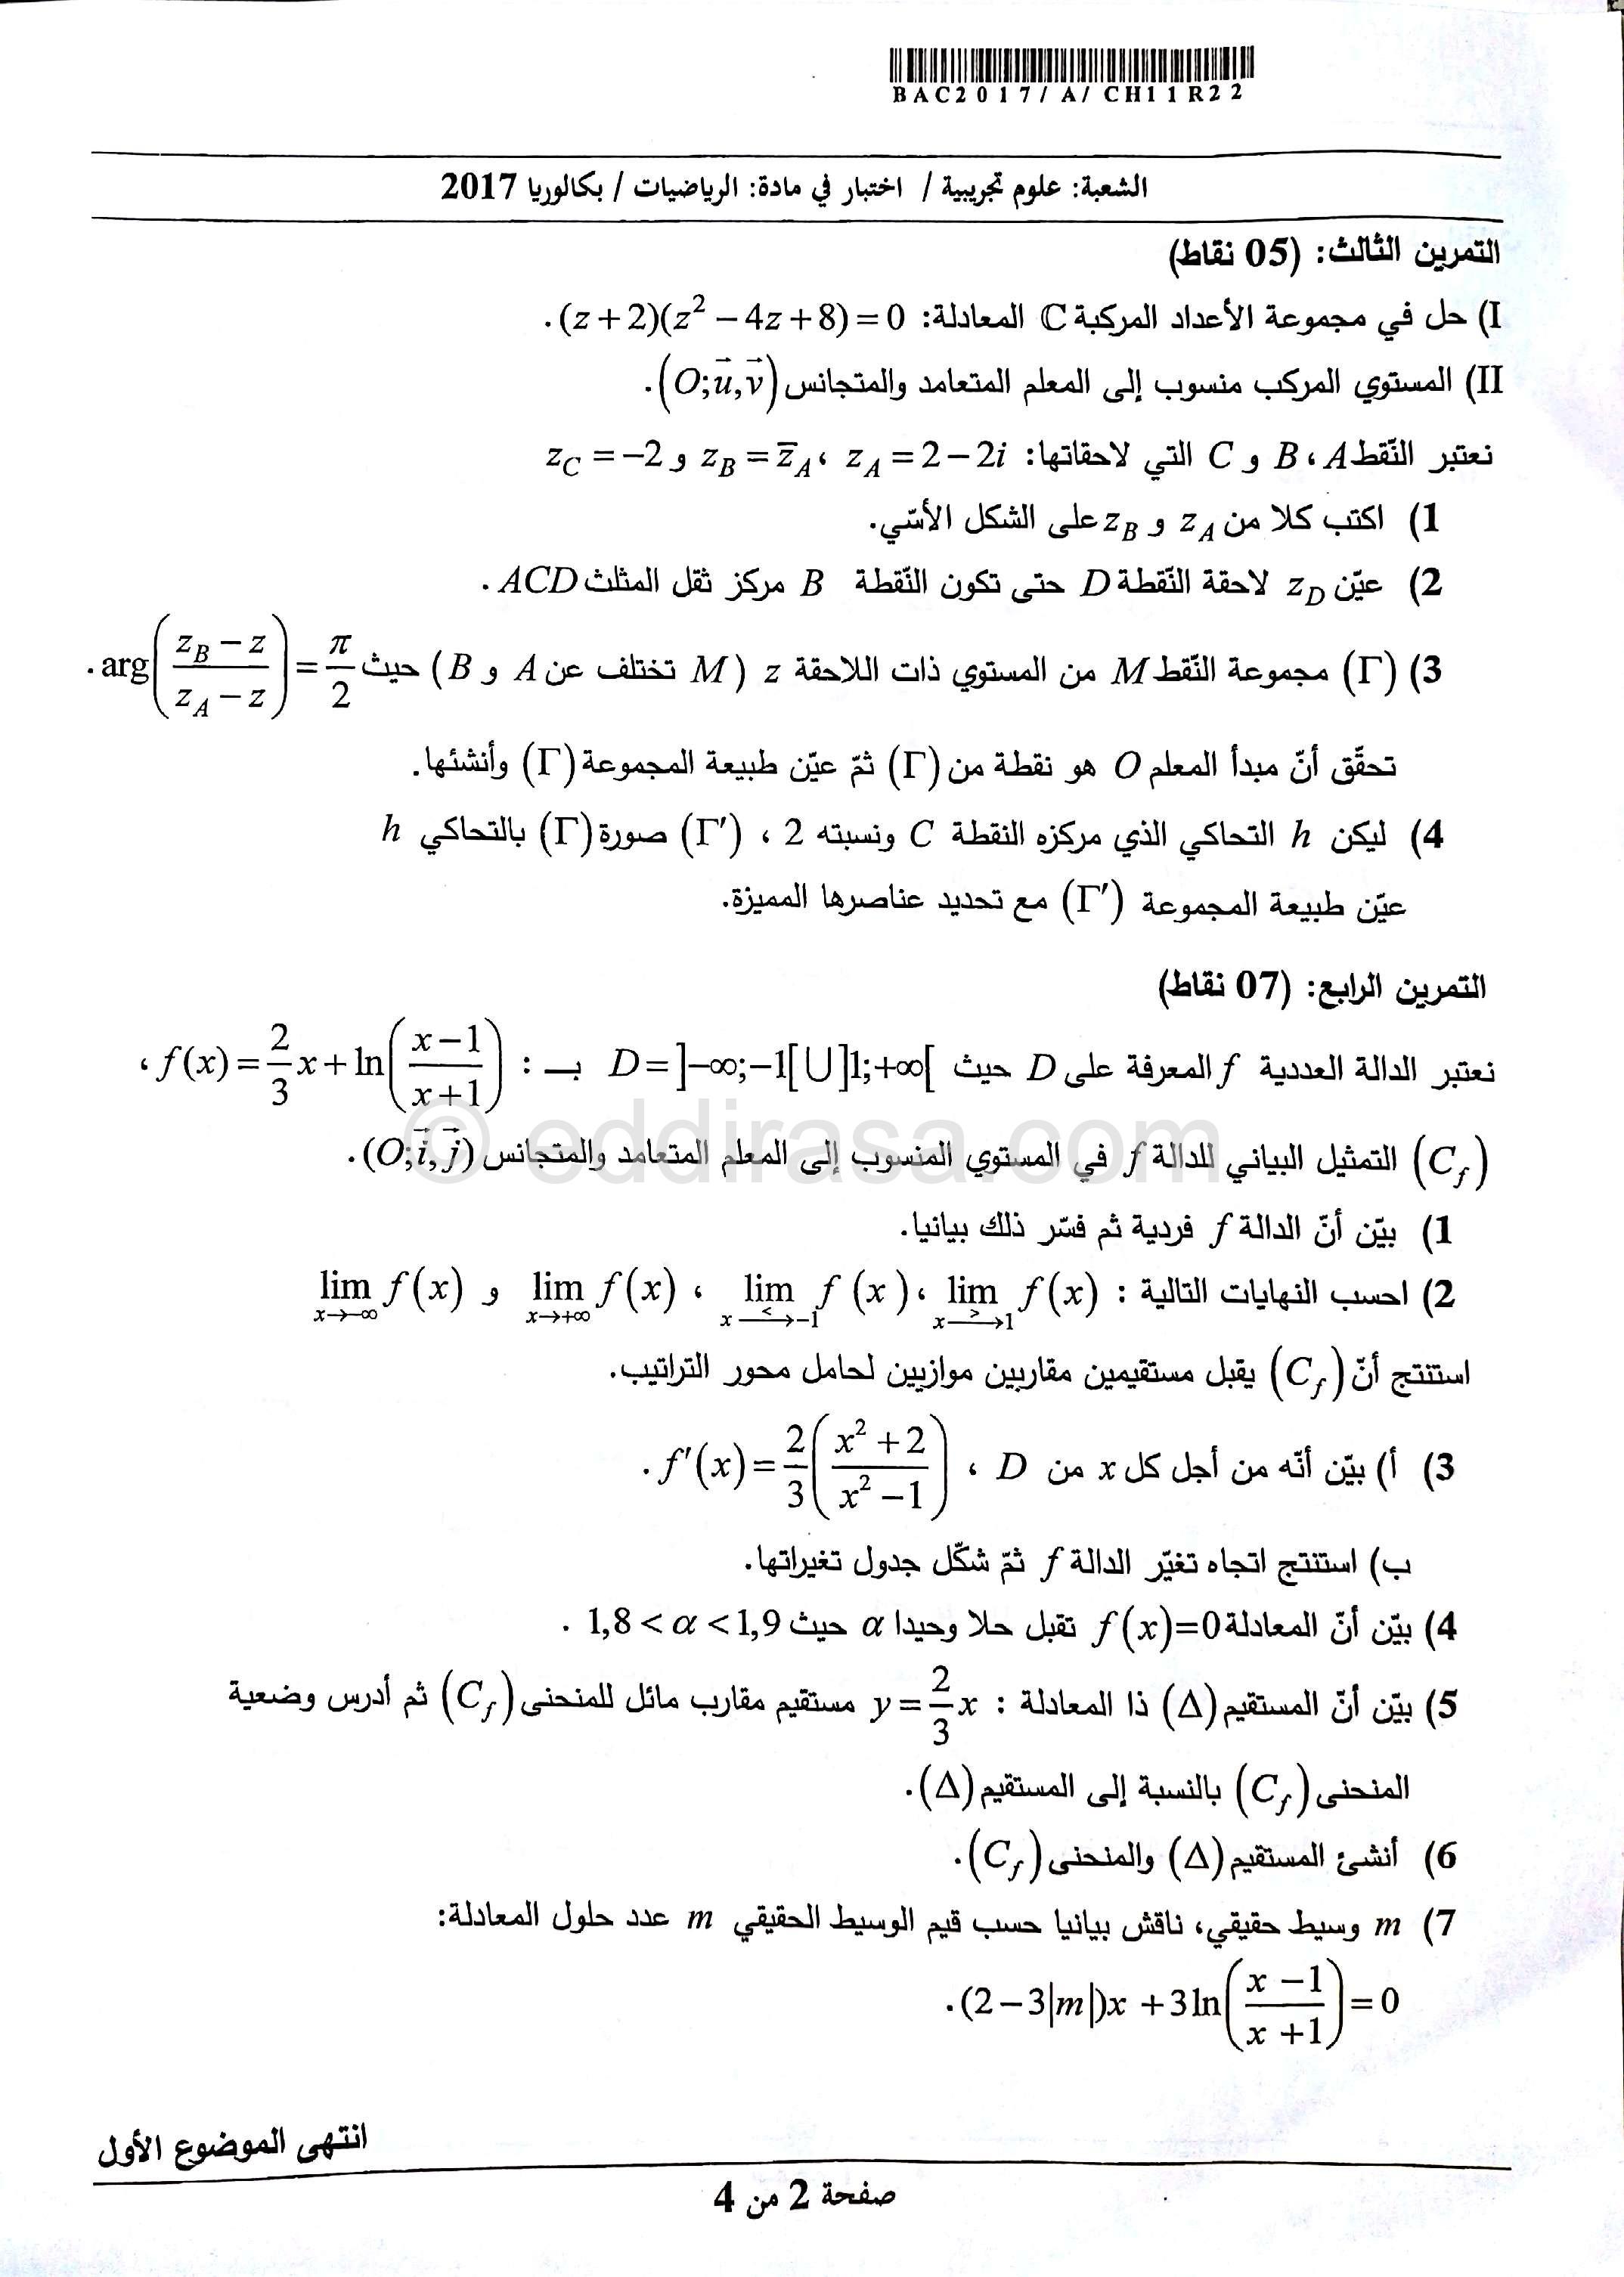 bac math sci 2017_2